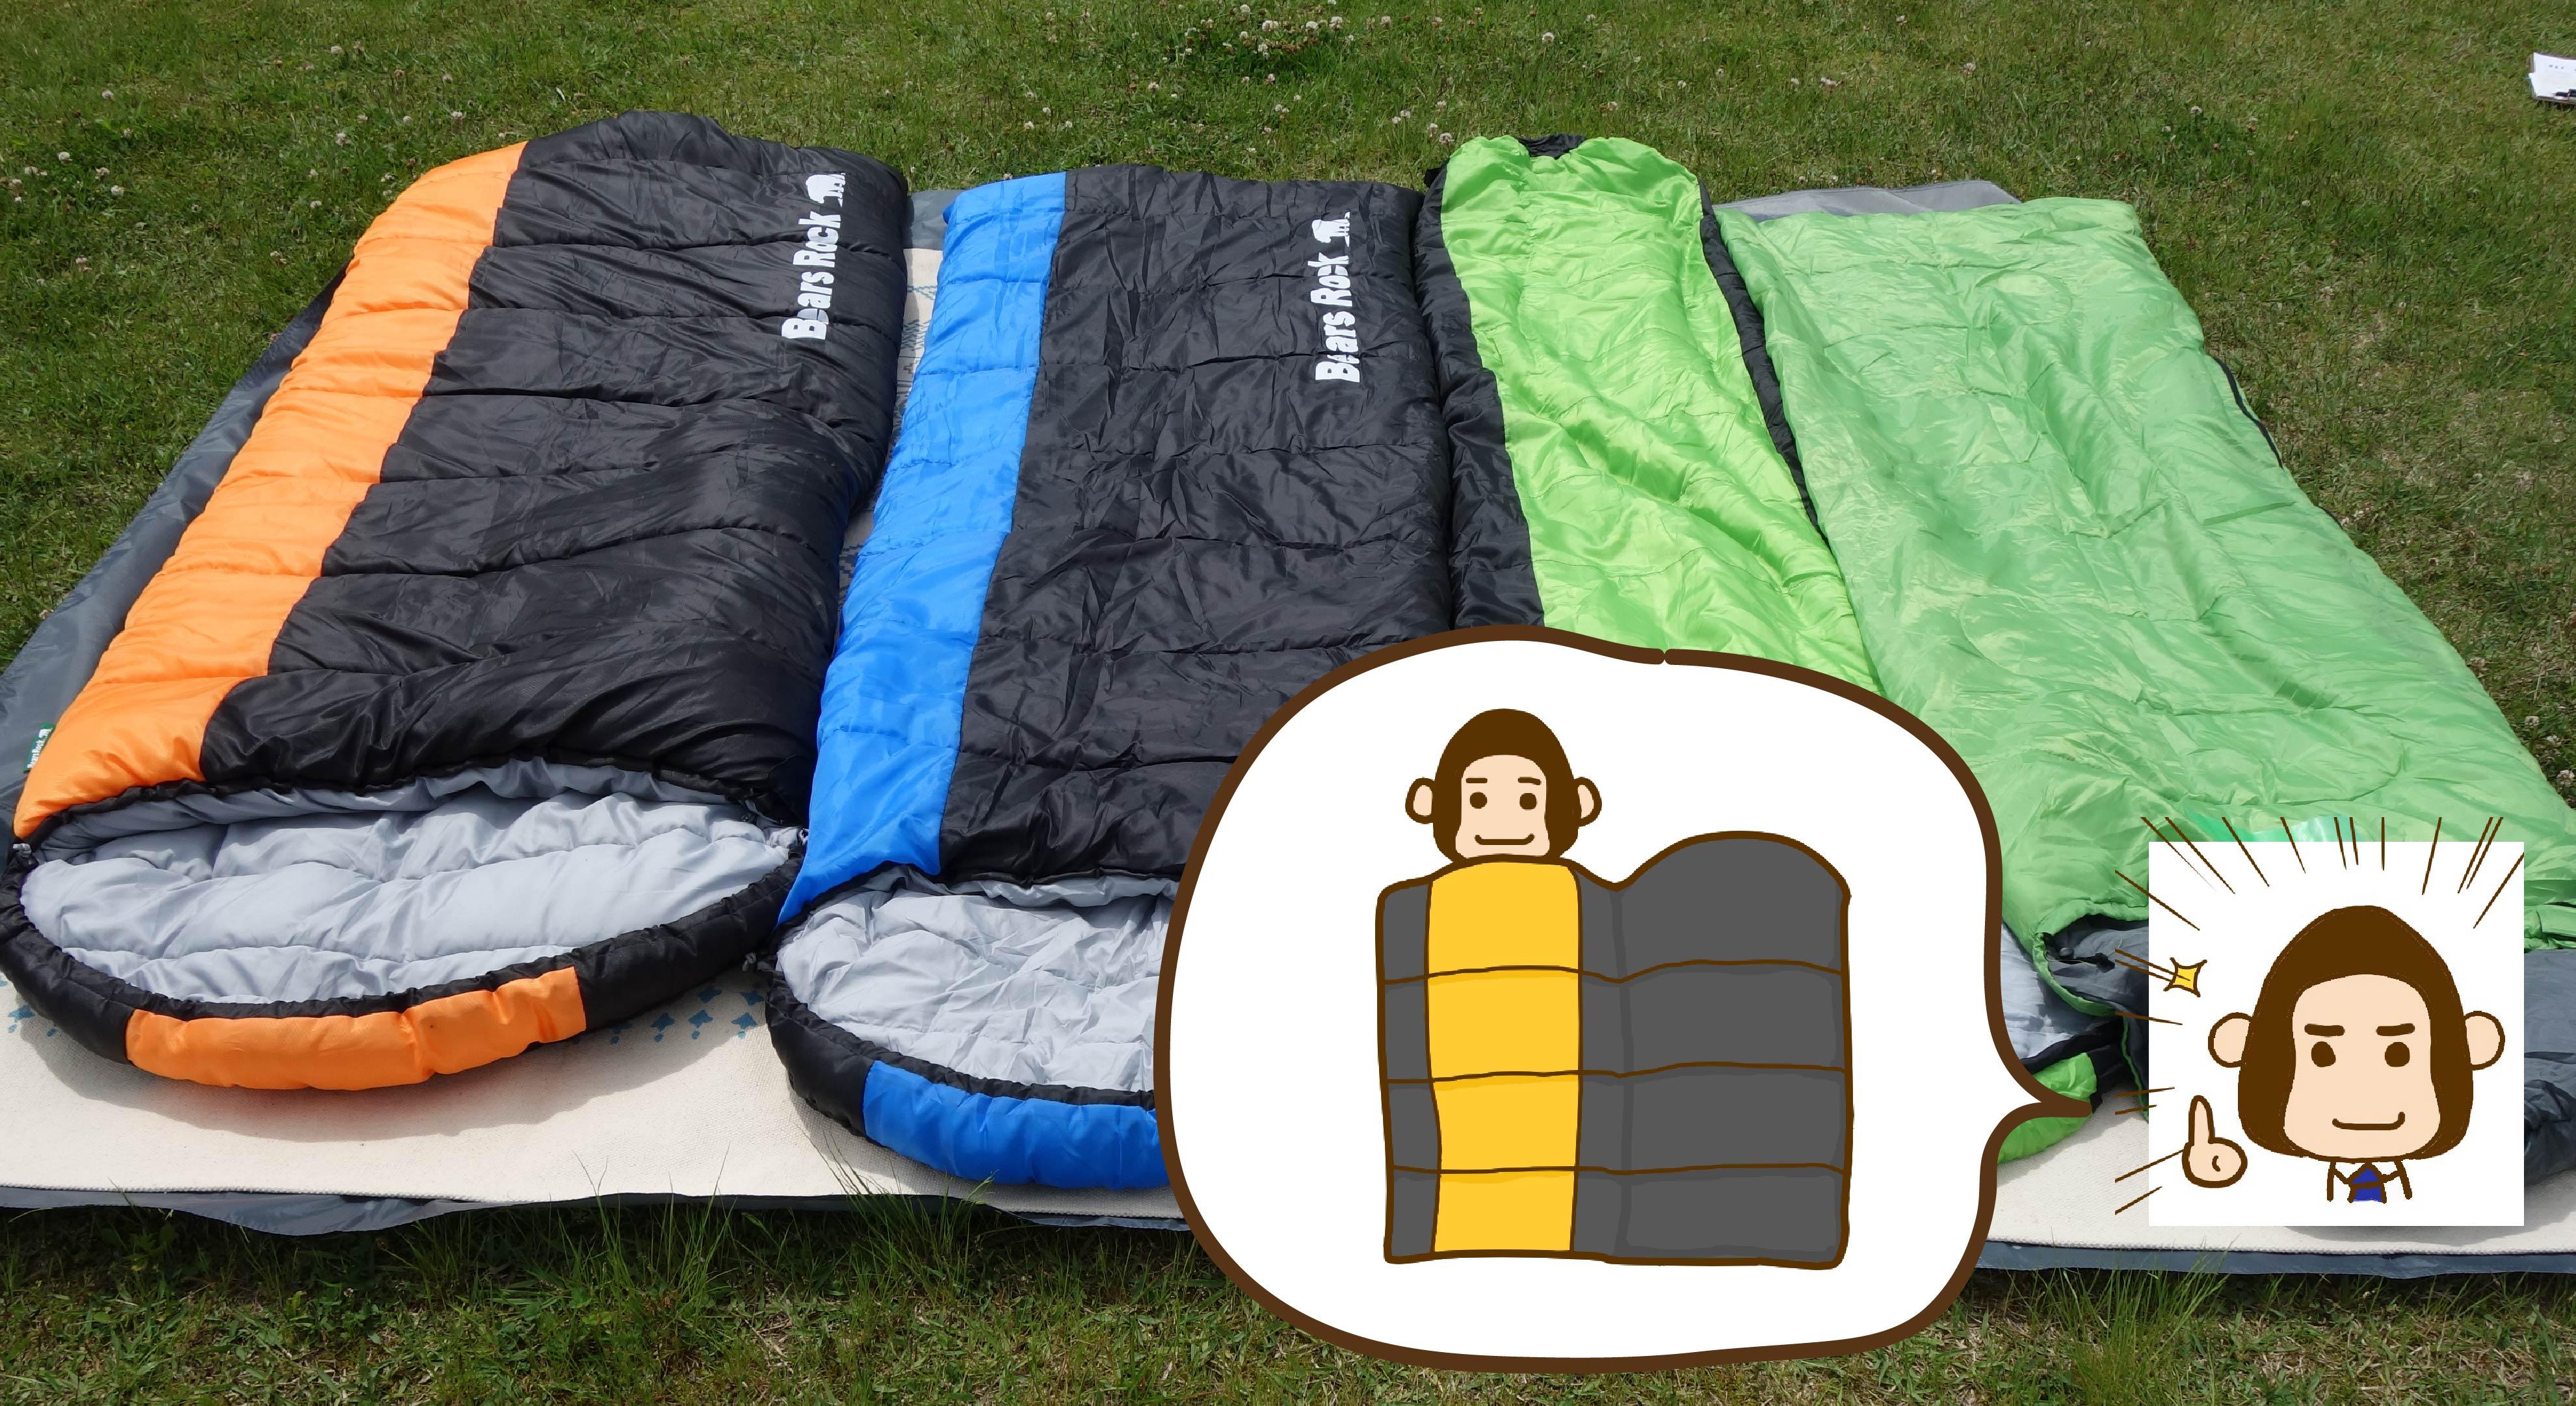 初心者向けの夏の寝袋の選び方 サムネイル-01